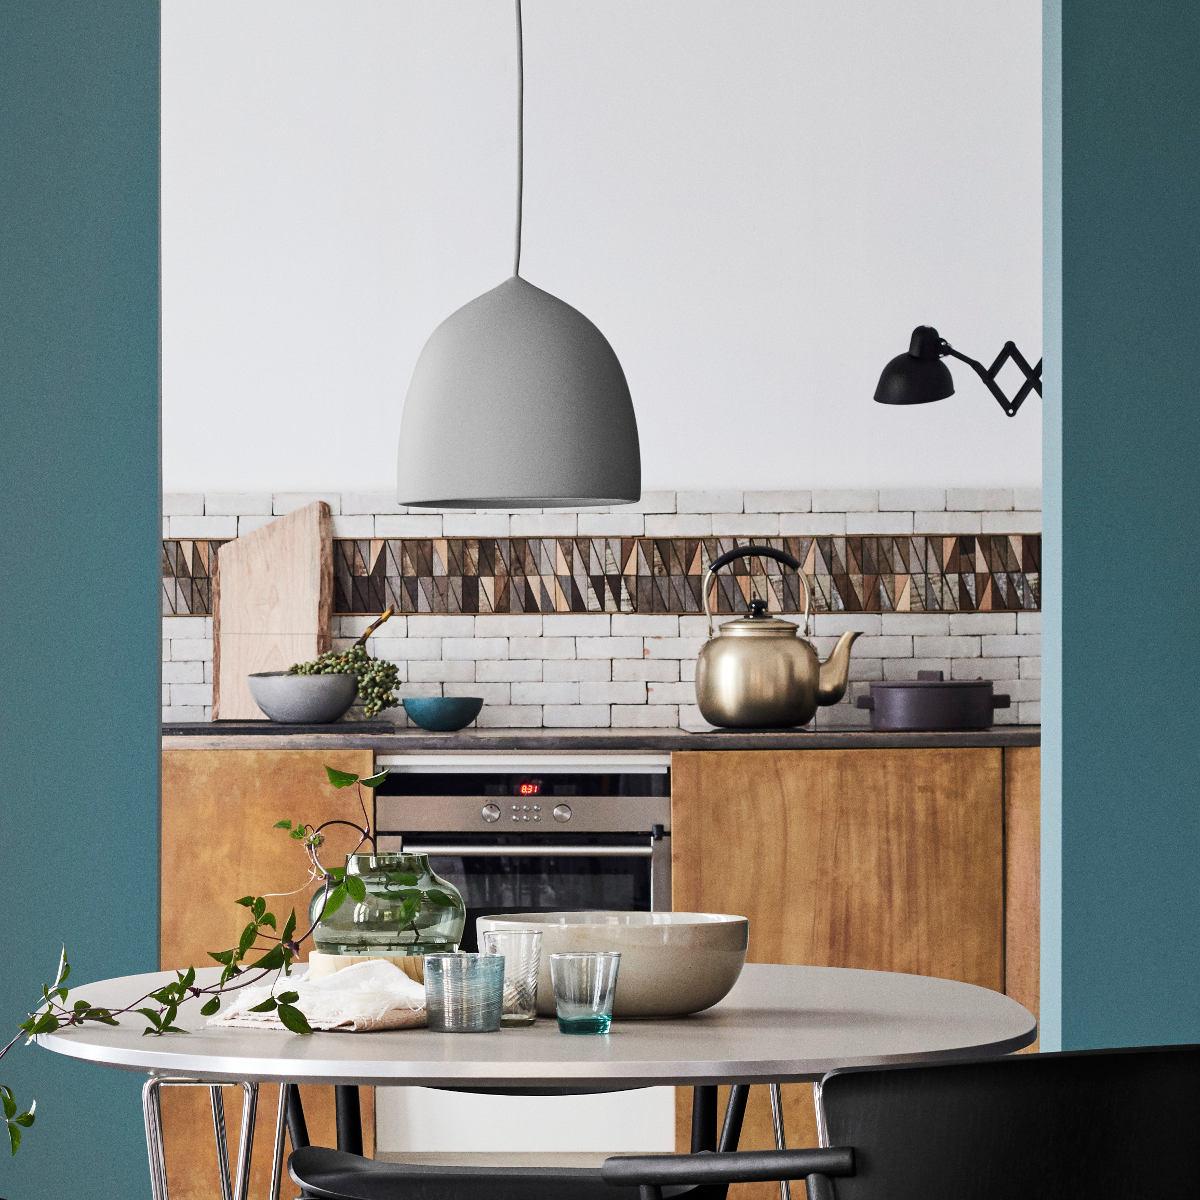 Full Size of Küche Deckenleuchte Deckenleuchten Fr Kchen Schlafzimmer Modern Regal Müllschrank Was Kostet Eine Neue Hängeschrank Nolte Rolladenschrank Eckunterschrank Wohnzimmer Küche Deckenleuchte